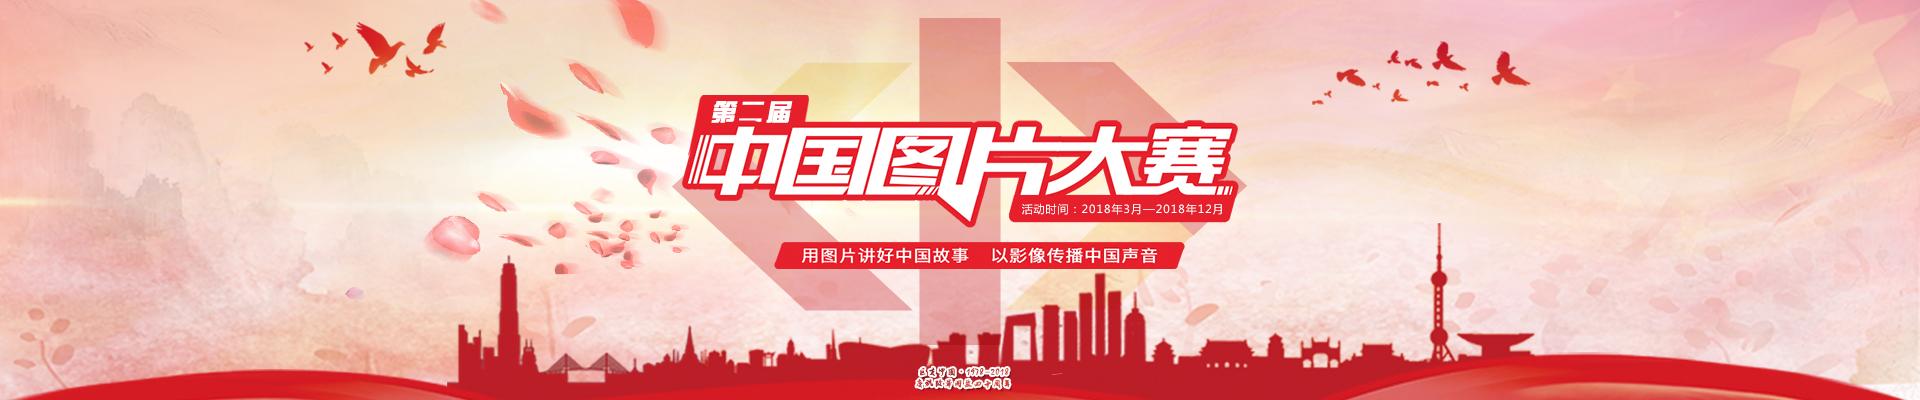 中国图片大赛——用图片讲好中国故事,以影像传播中国声音-中国金融商报网china.prcfe.com